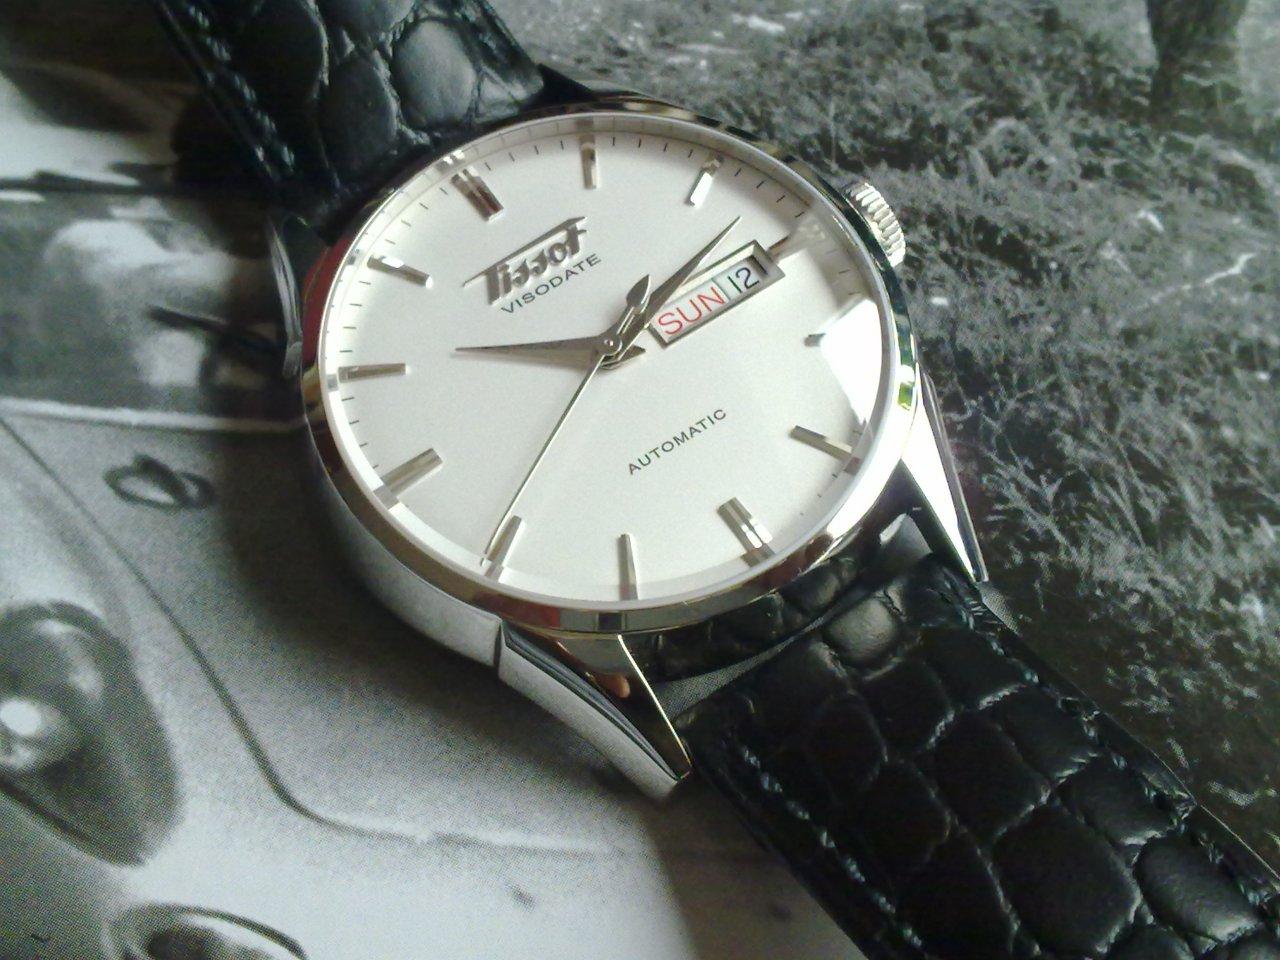 Kaufberatung dresswatch bis 300 euro uhrforum for Ecksofa bis 300 euro